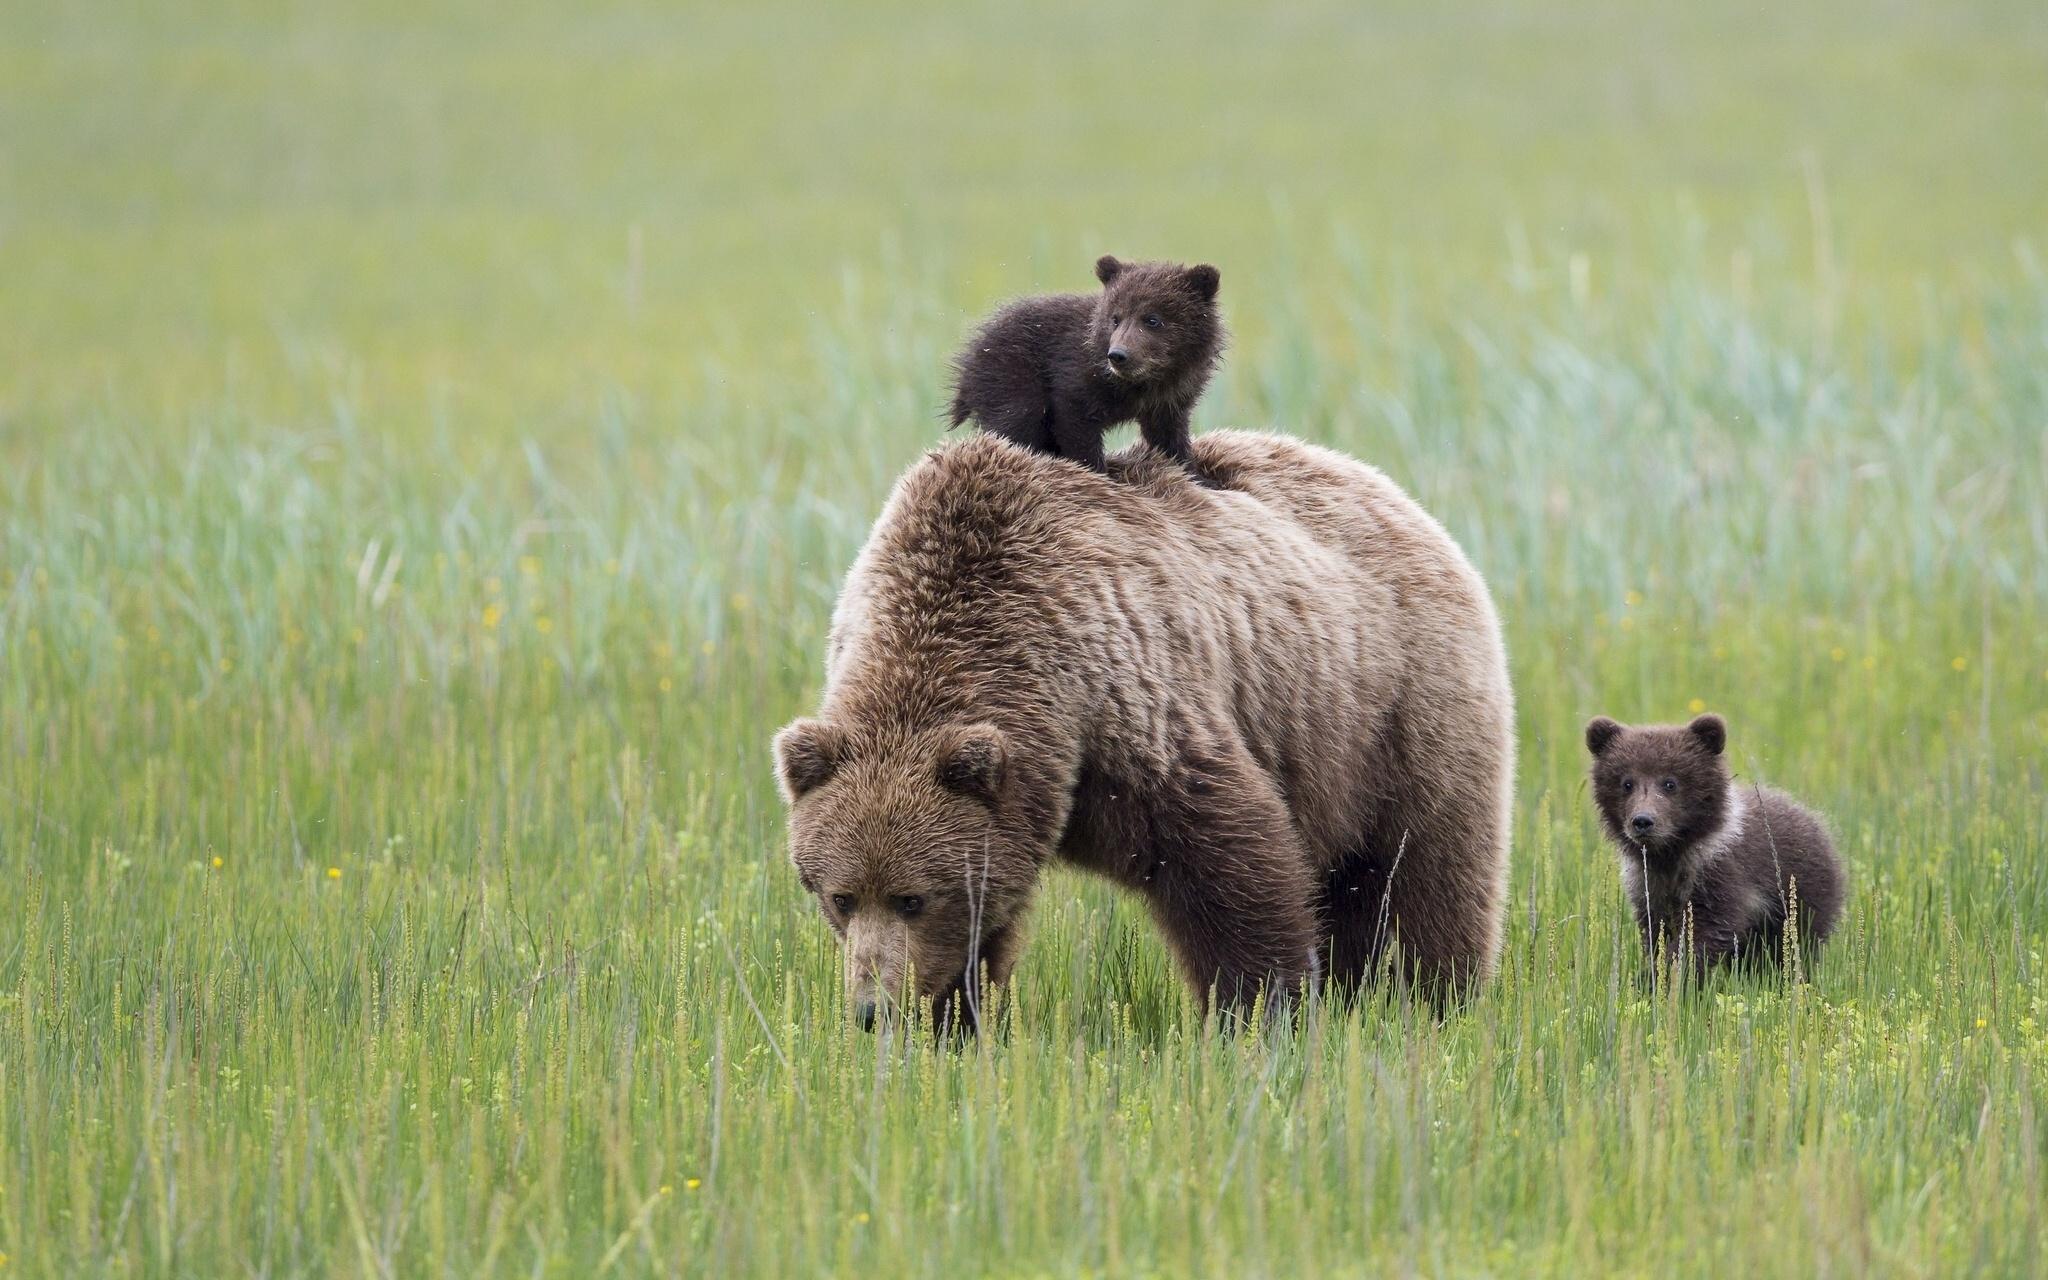 именно животное символ россии картинки судьба